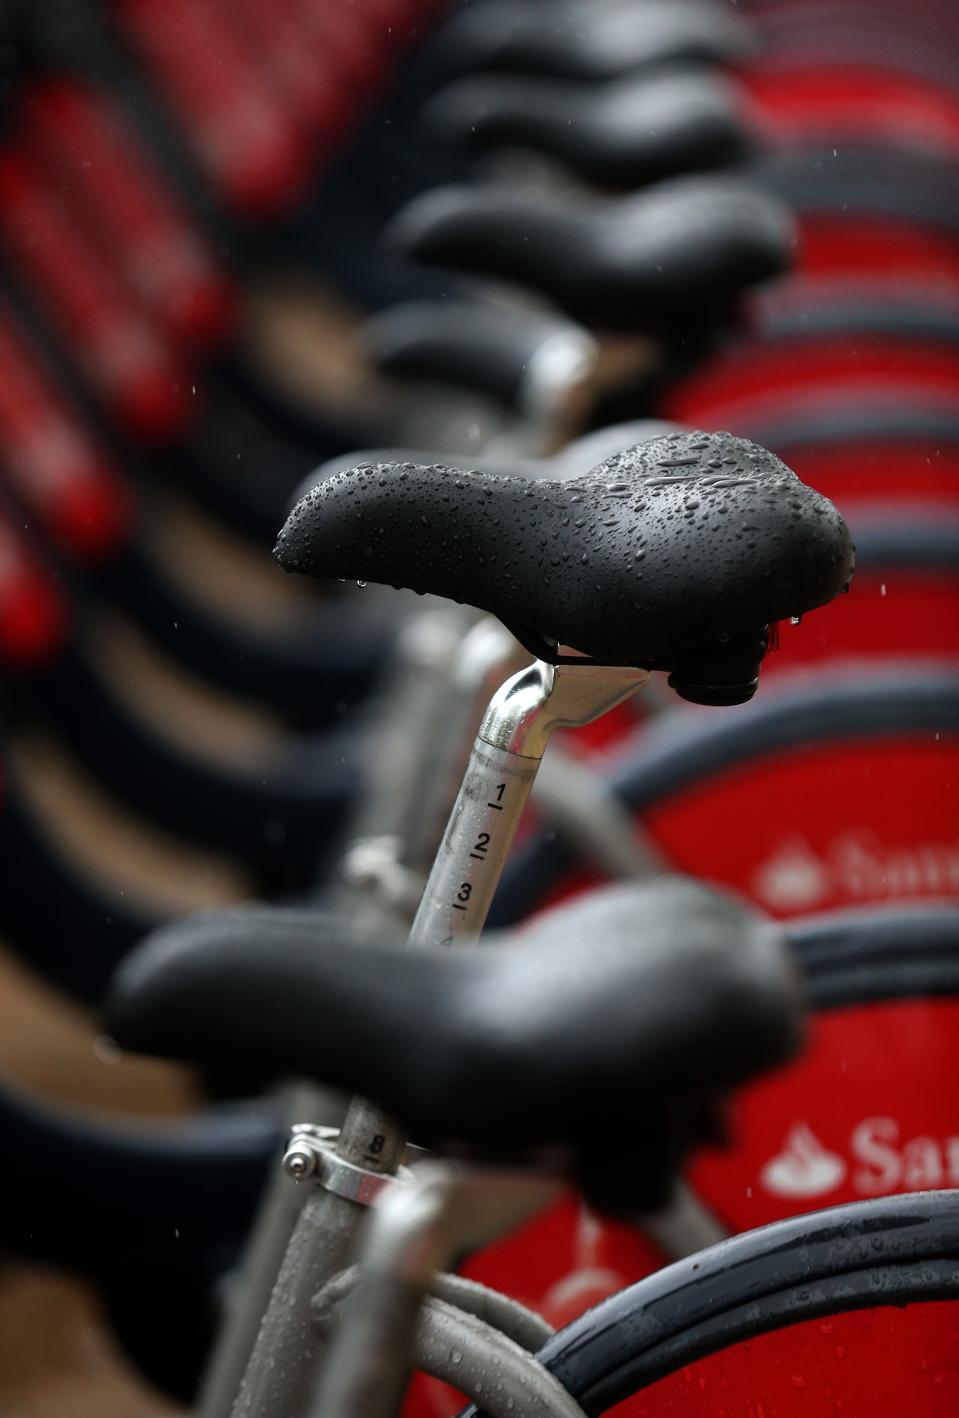 I cicli Santander sono guidabili anche sotto la pioggia.